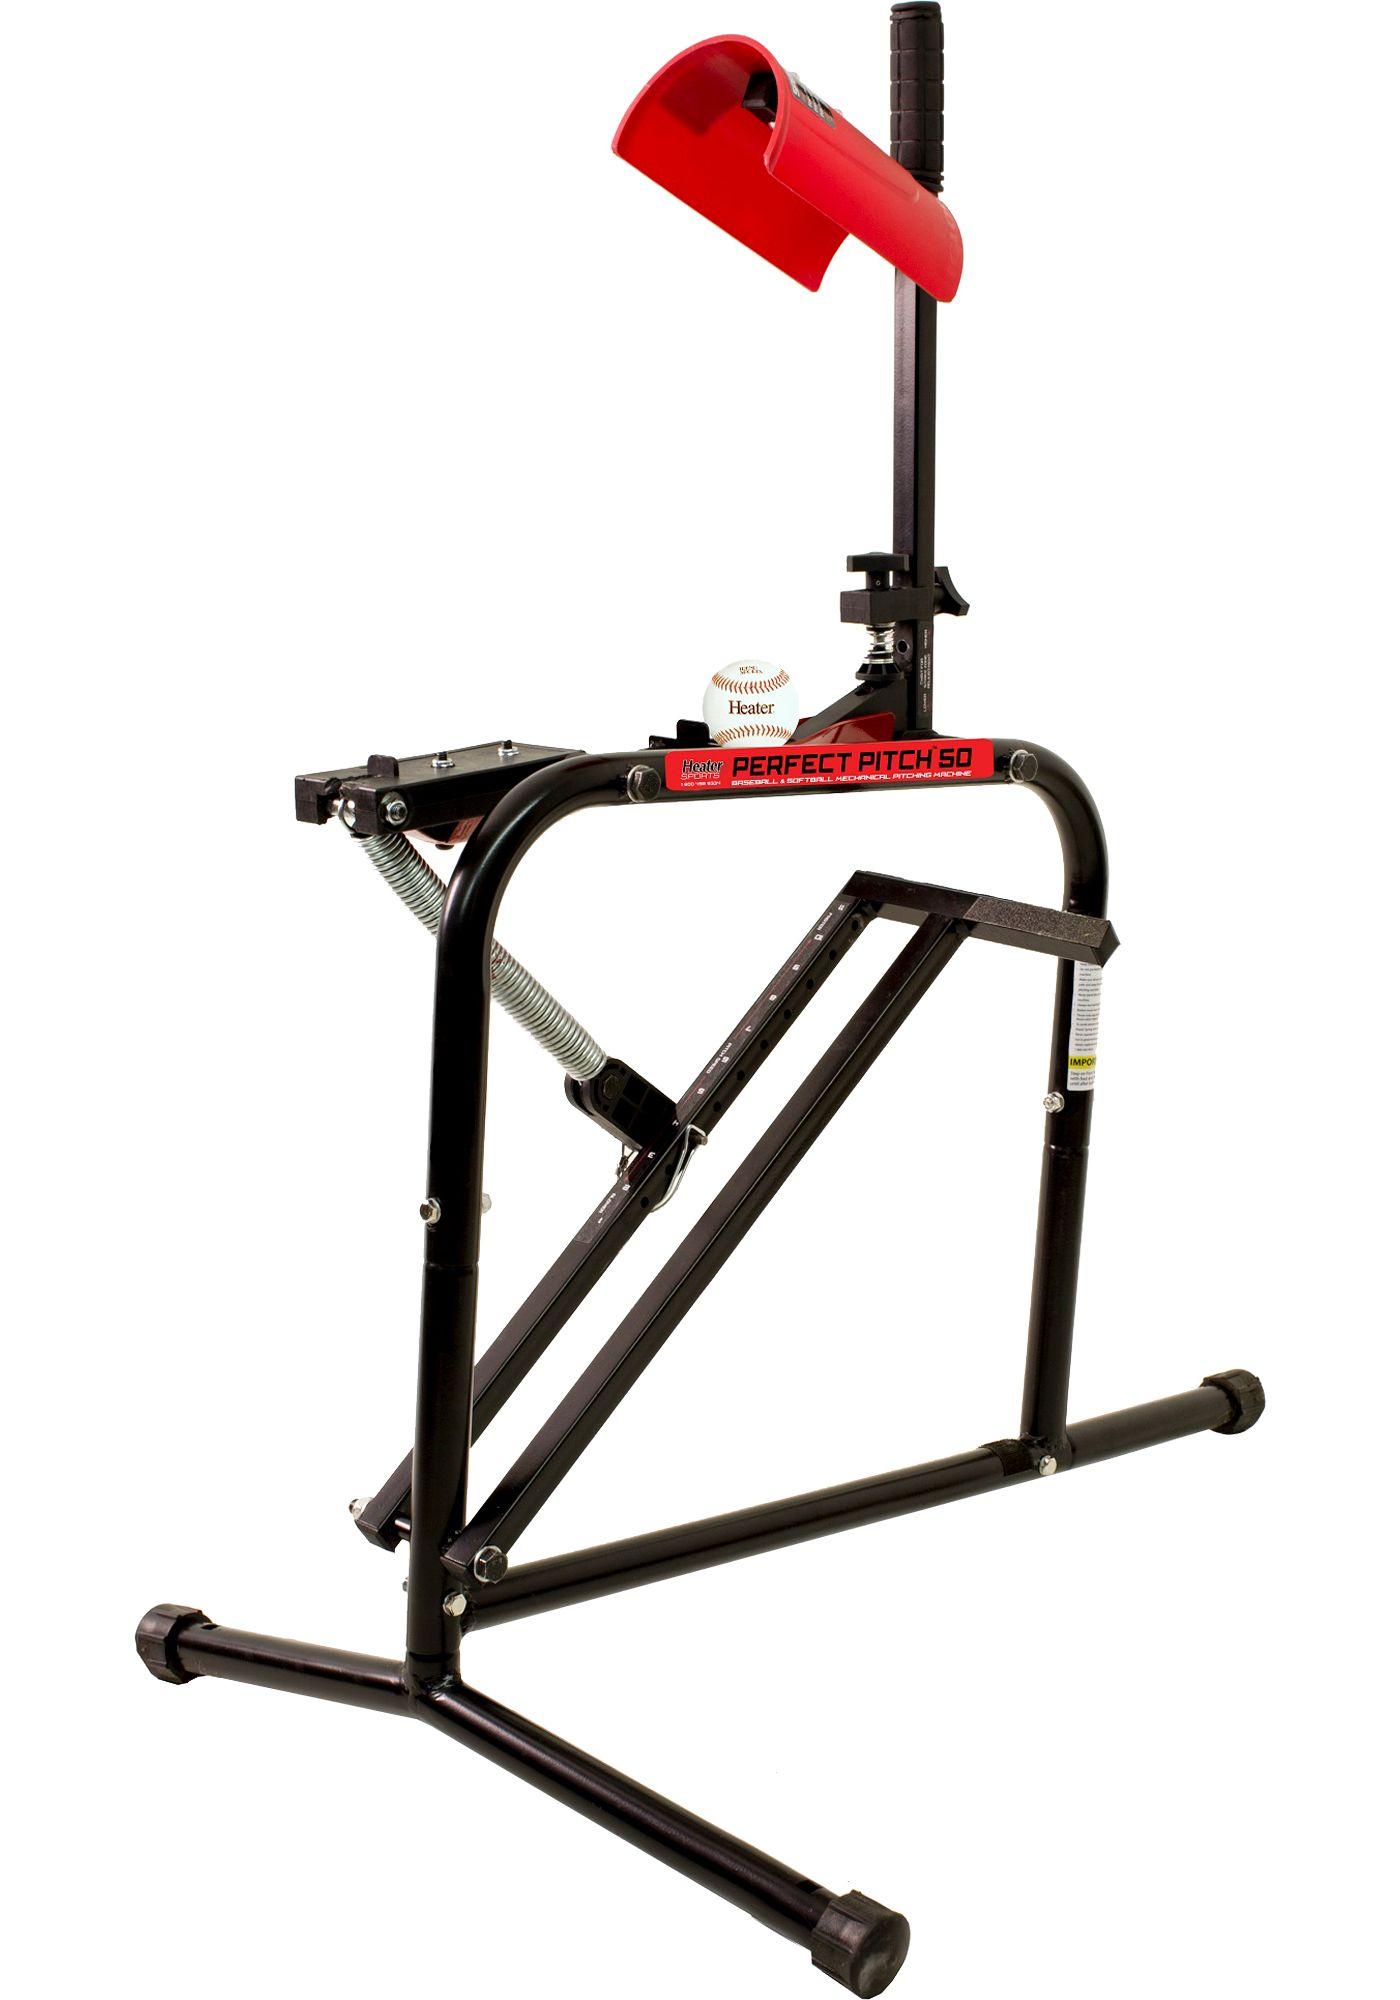 Heater Perfect Pitch 50 Baseball/Softball Pitching Machine